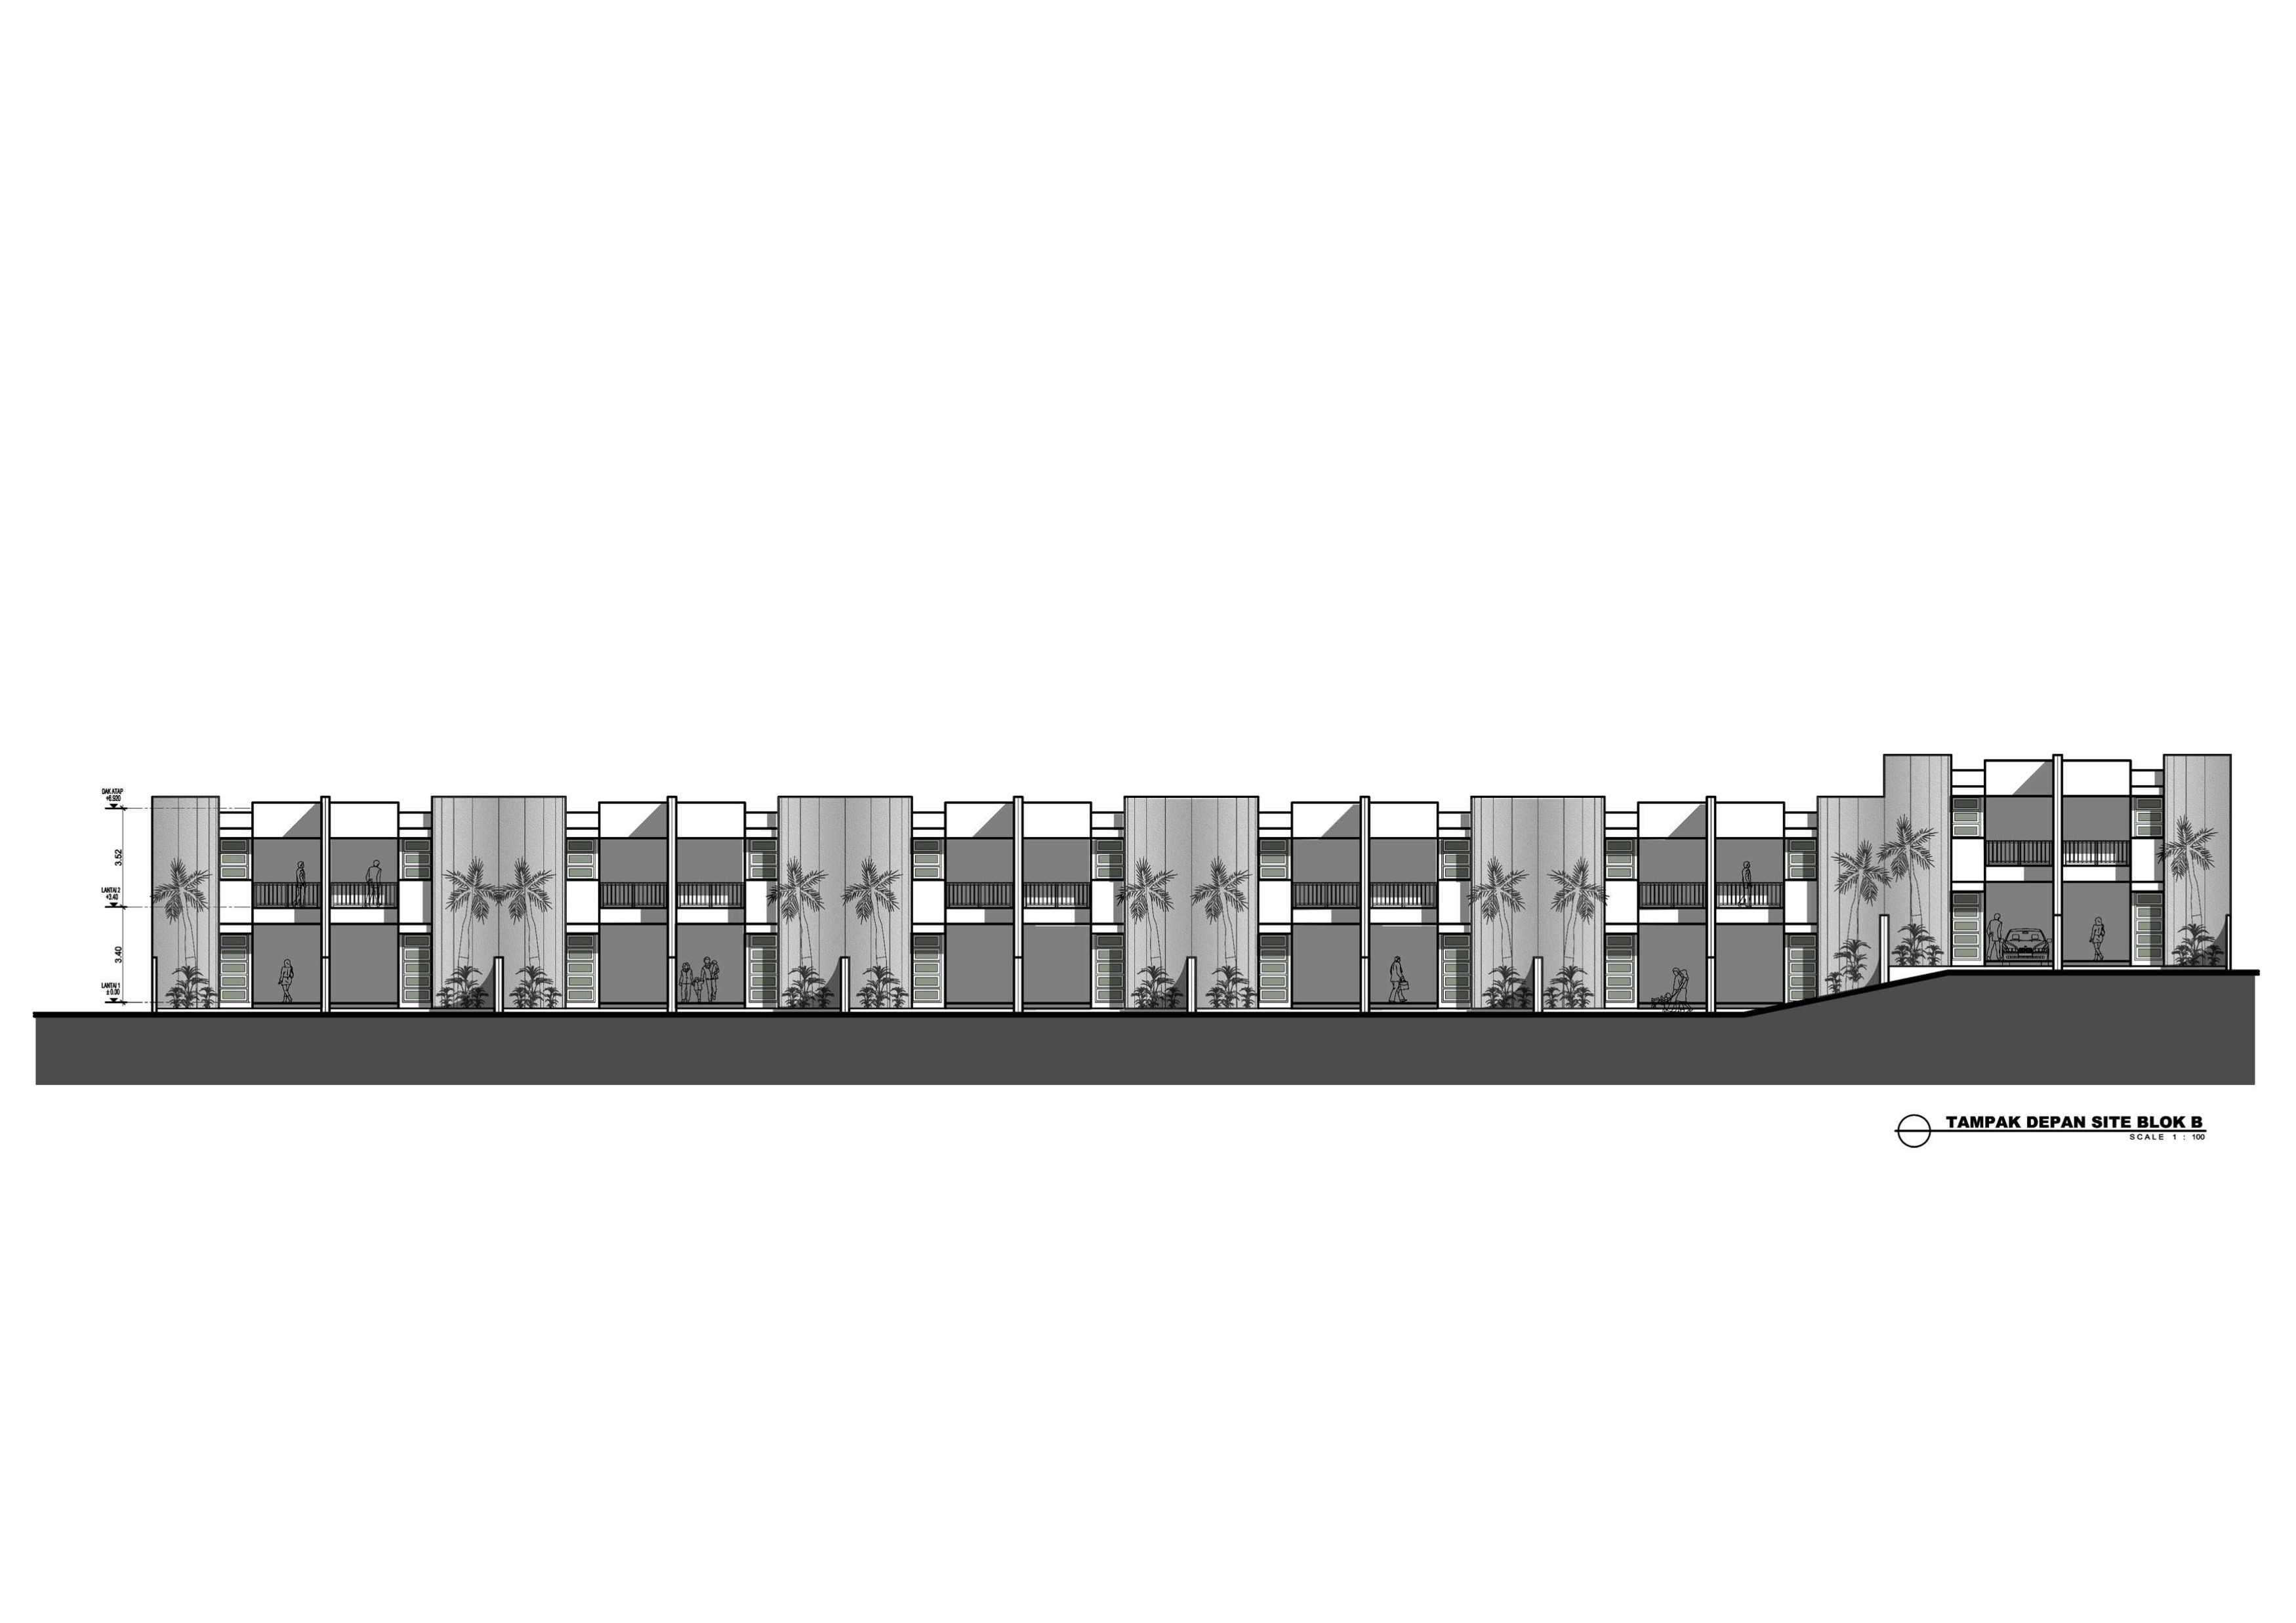 Dedy Townhouse Padasaluyu Jl. Padasaluyu, Isola, Sukasari, Kota Bandung, Jawa Barat 40154, Indonesia Jl. Padasaluyu, Isola, Sukasari, Kota Bandung, Jawa Barat 40154, Indonesia Tampak-Blok Modern  31329